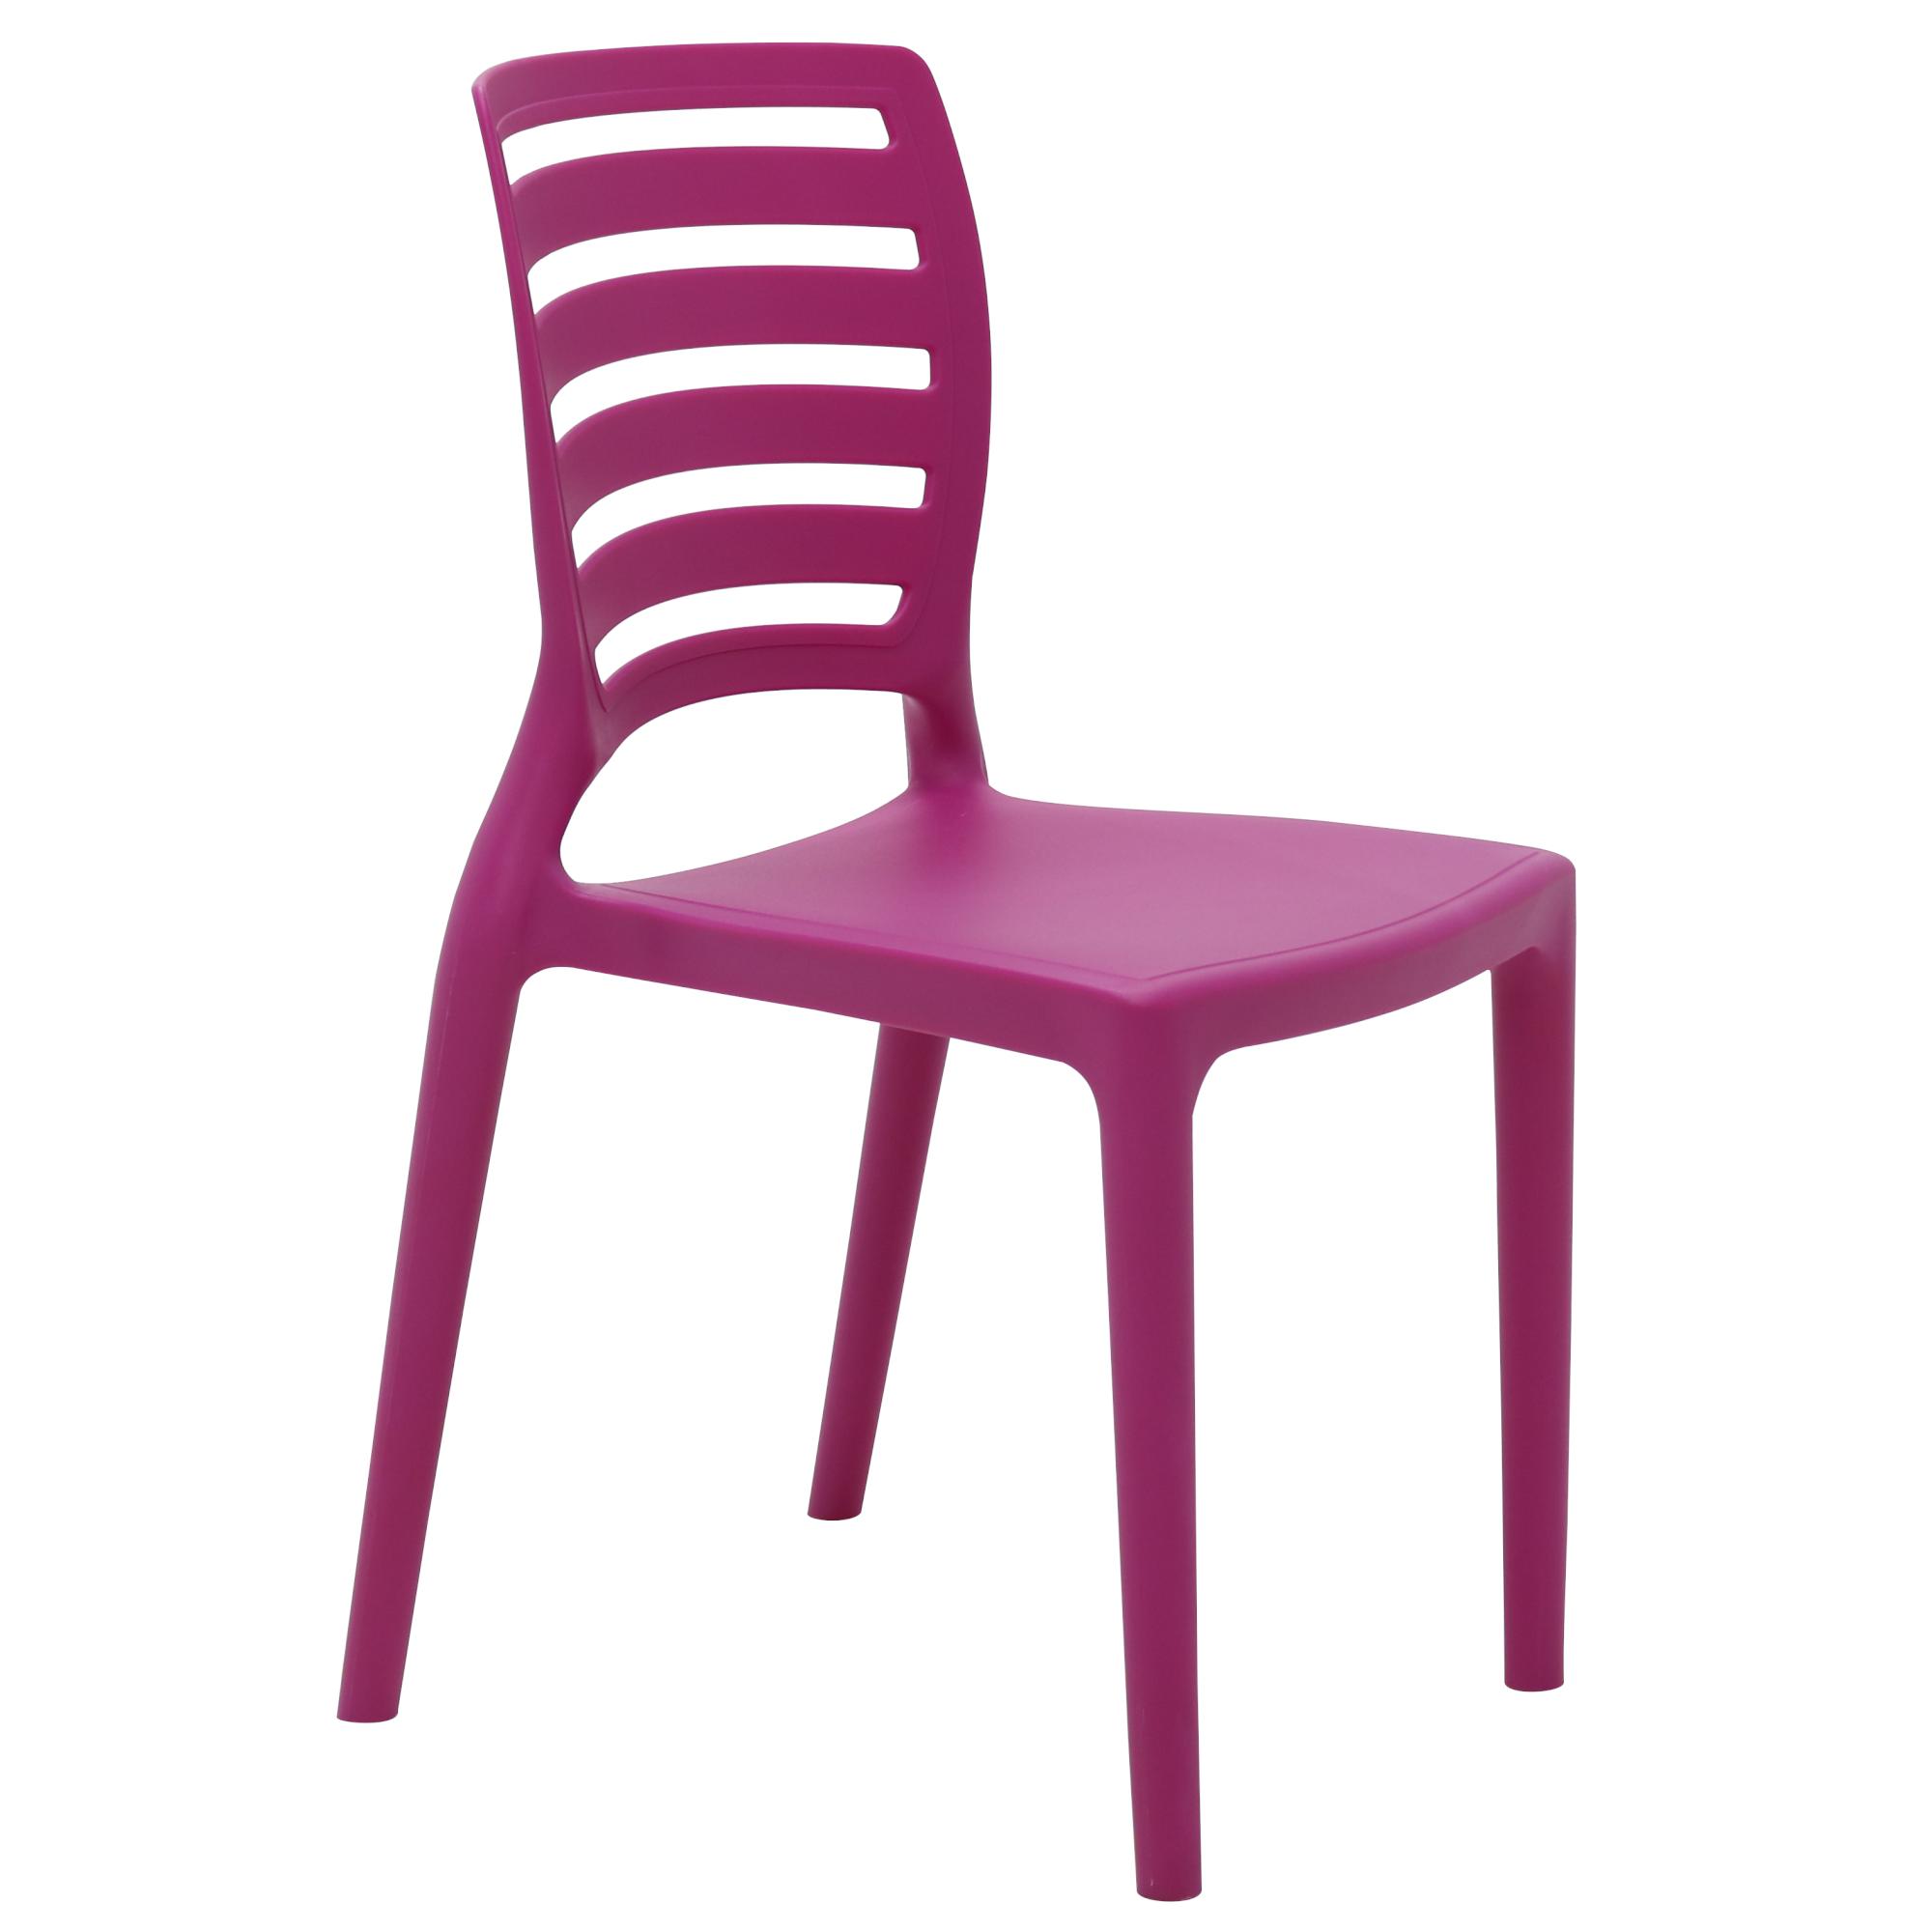 Cadeira Infantil Sofia Rosa - 92272060 - Tramontina